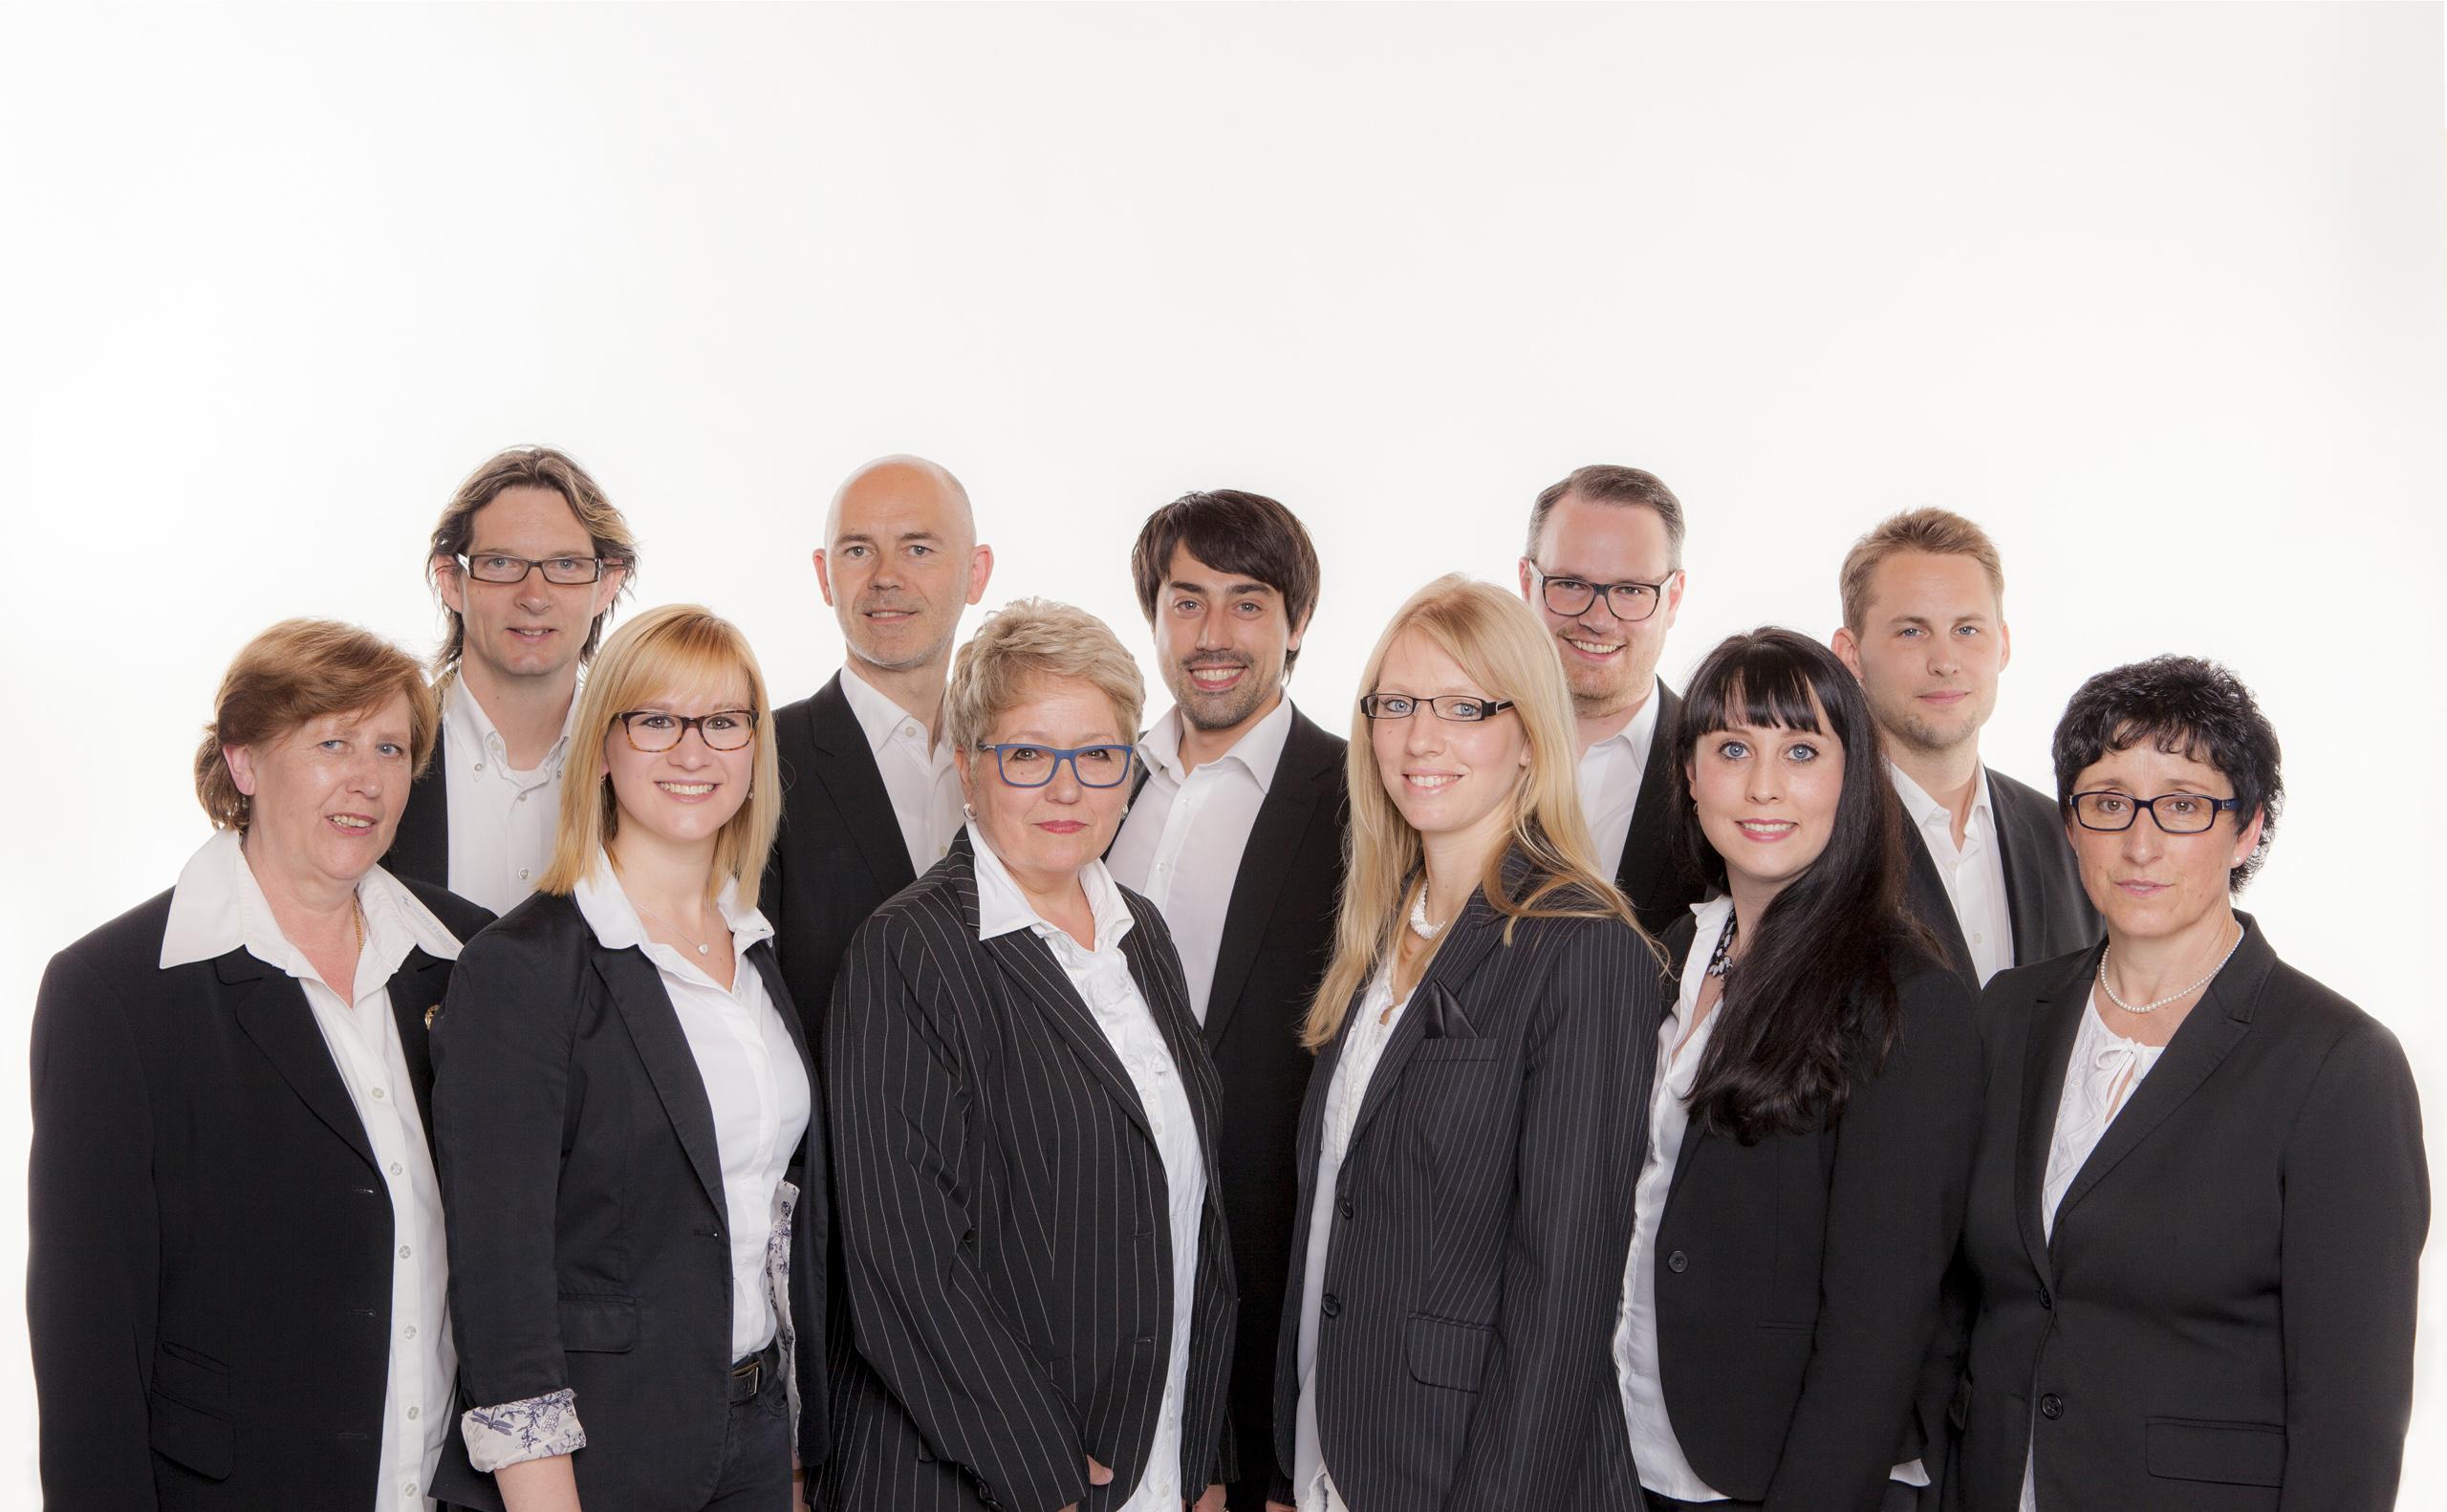 Unsere Mitarbeiter beraten Sie gerne rund um alle Themen wie Verkauf, Vermietung, Neubau und Kapitalanlage